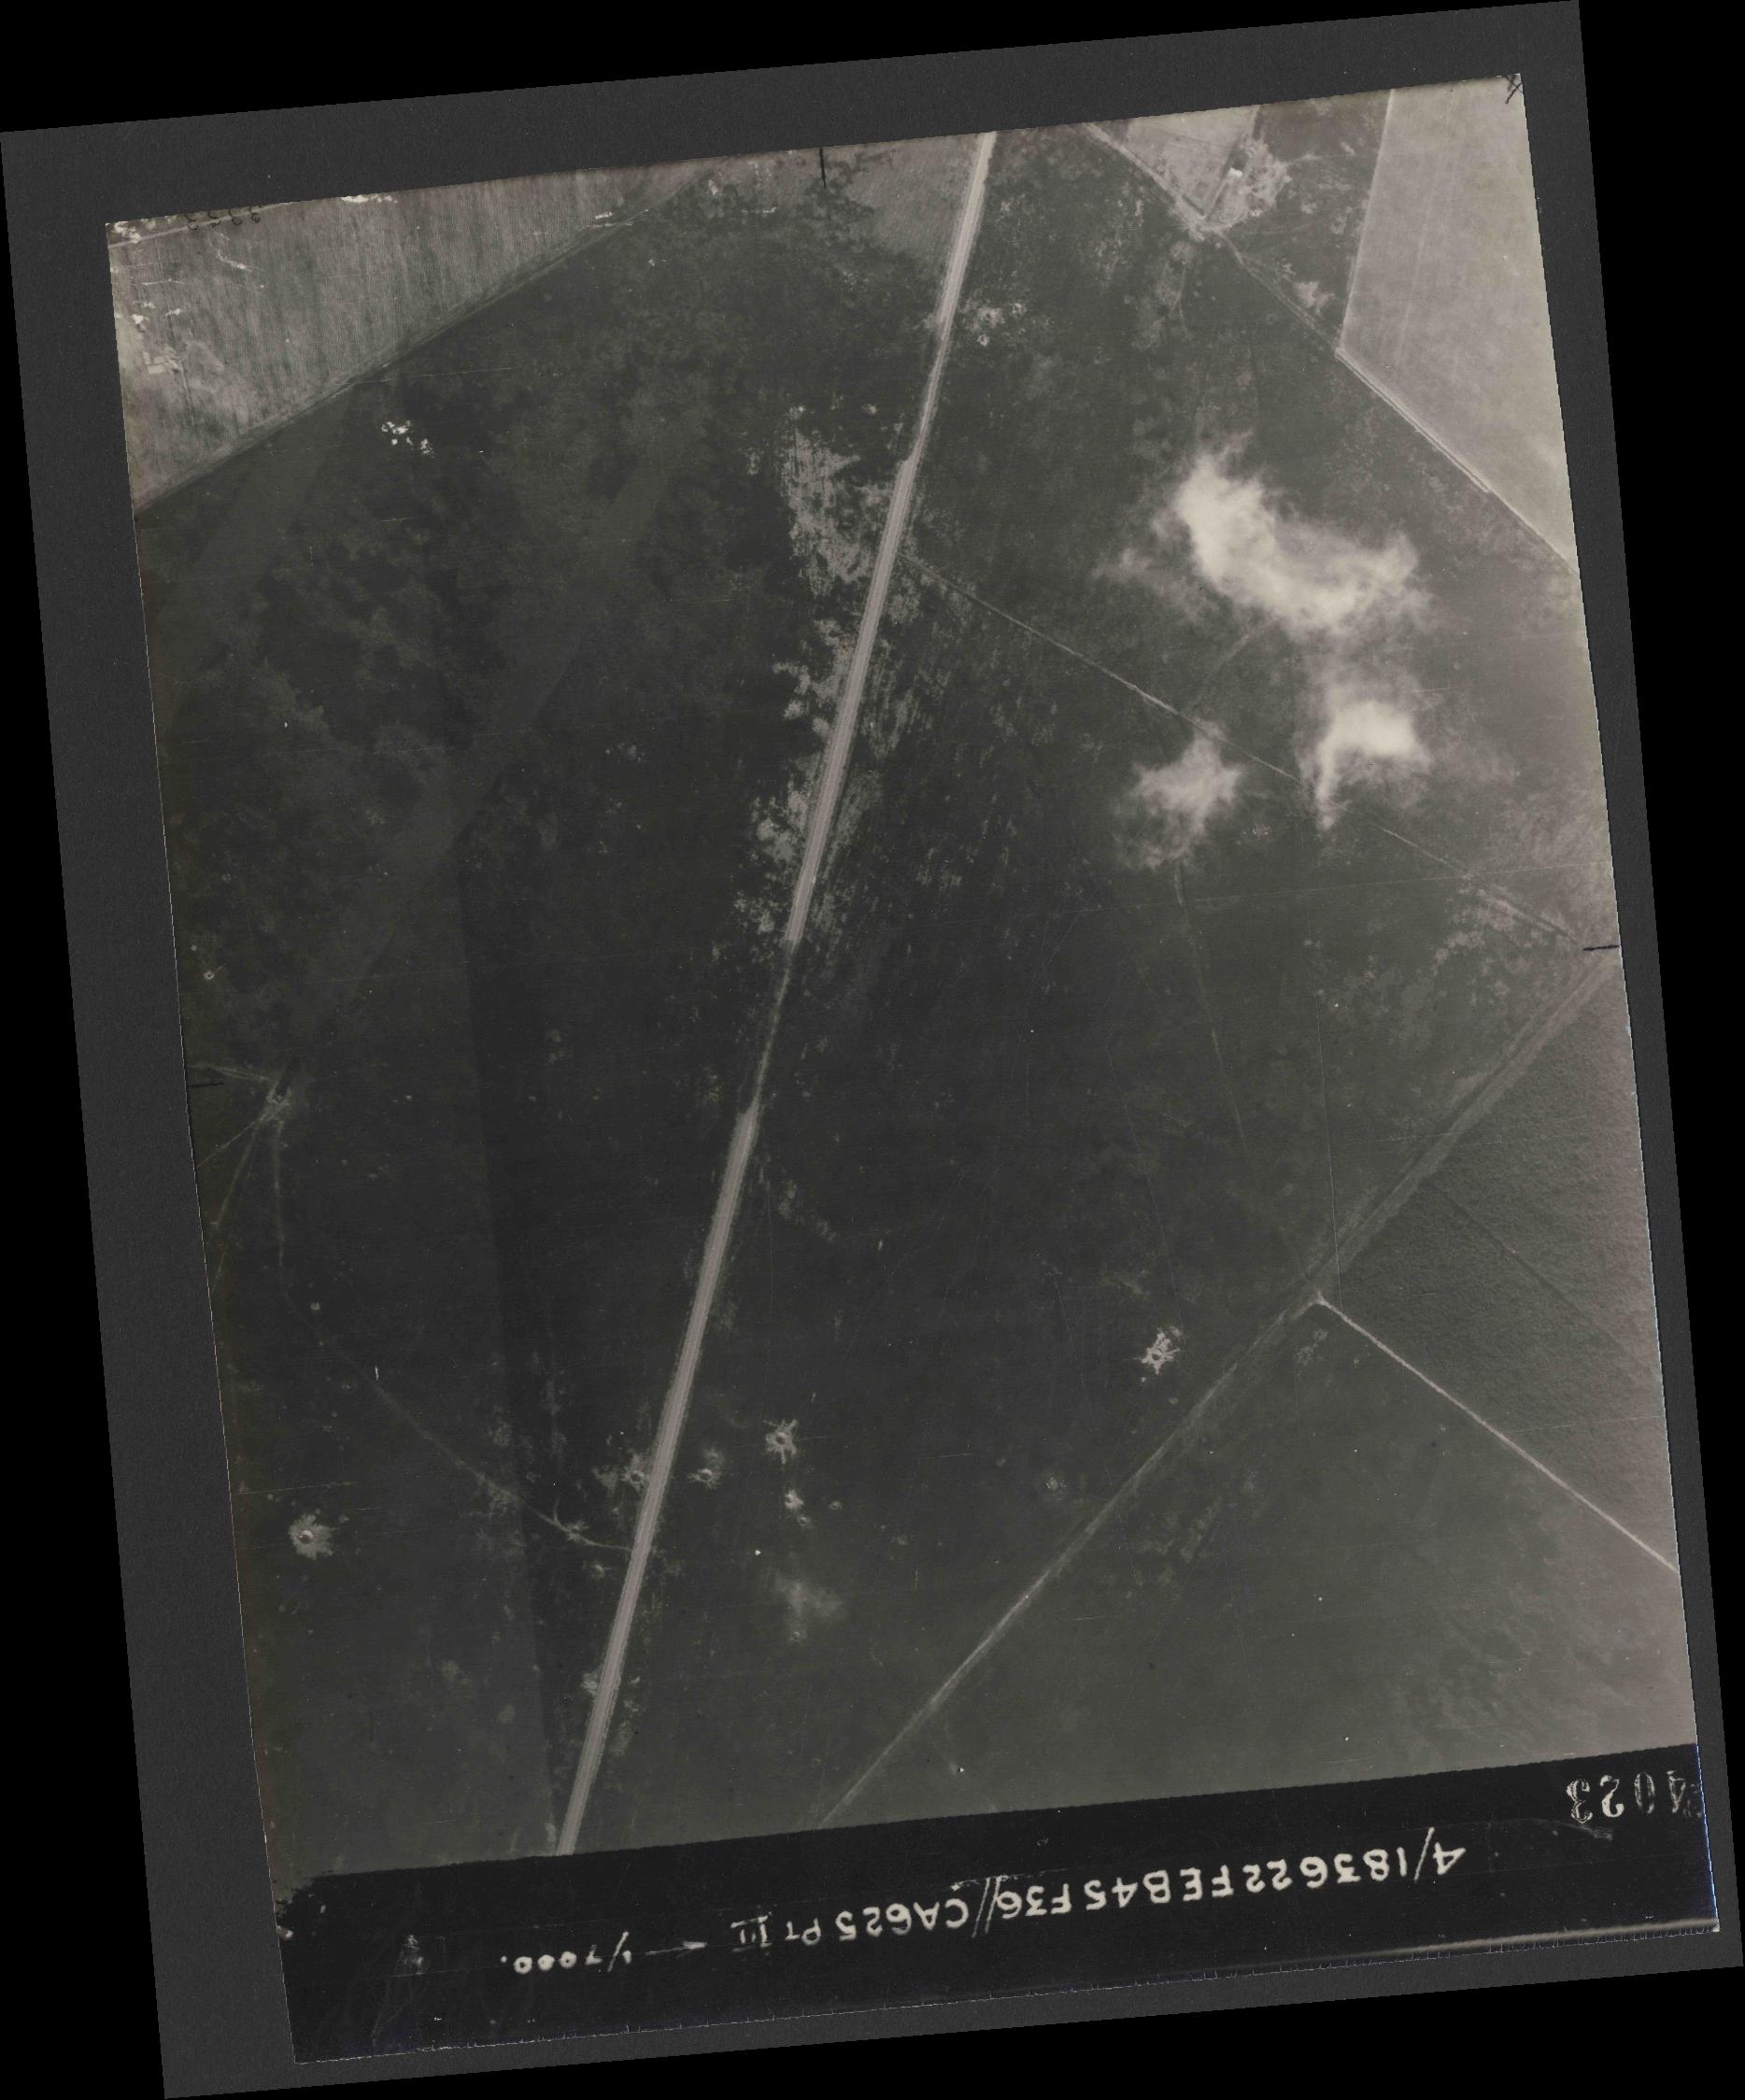 Collection RAF aerial photos 1940-1945 - flight 204, run 02, photo 4023